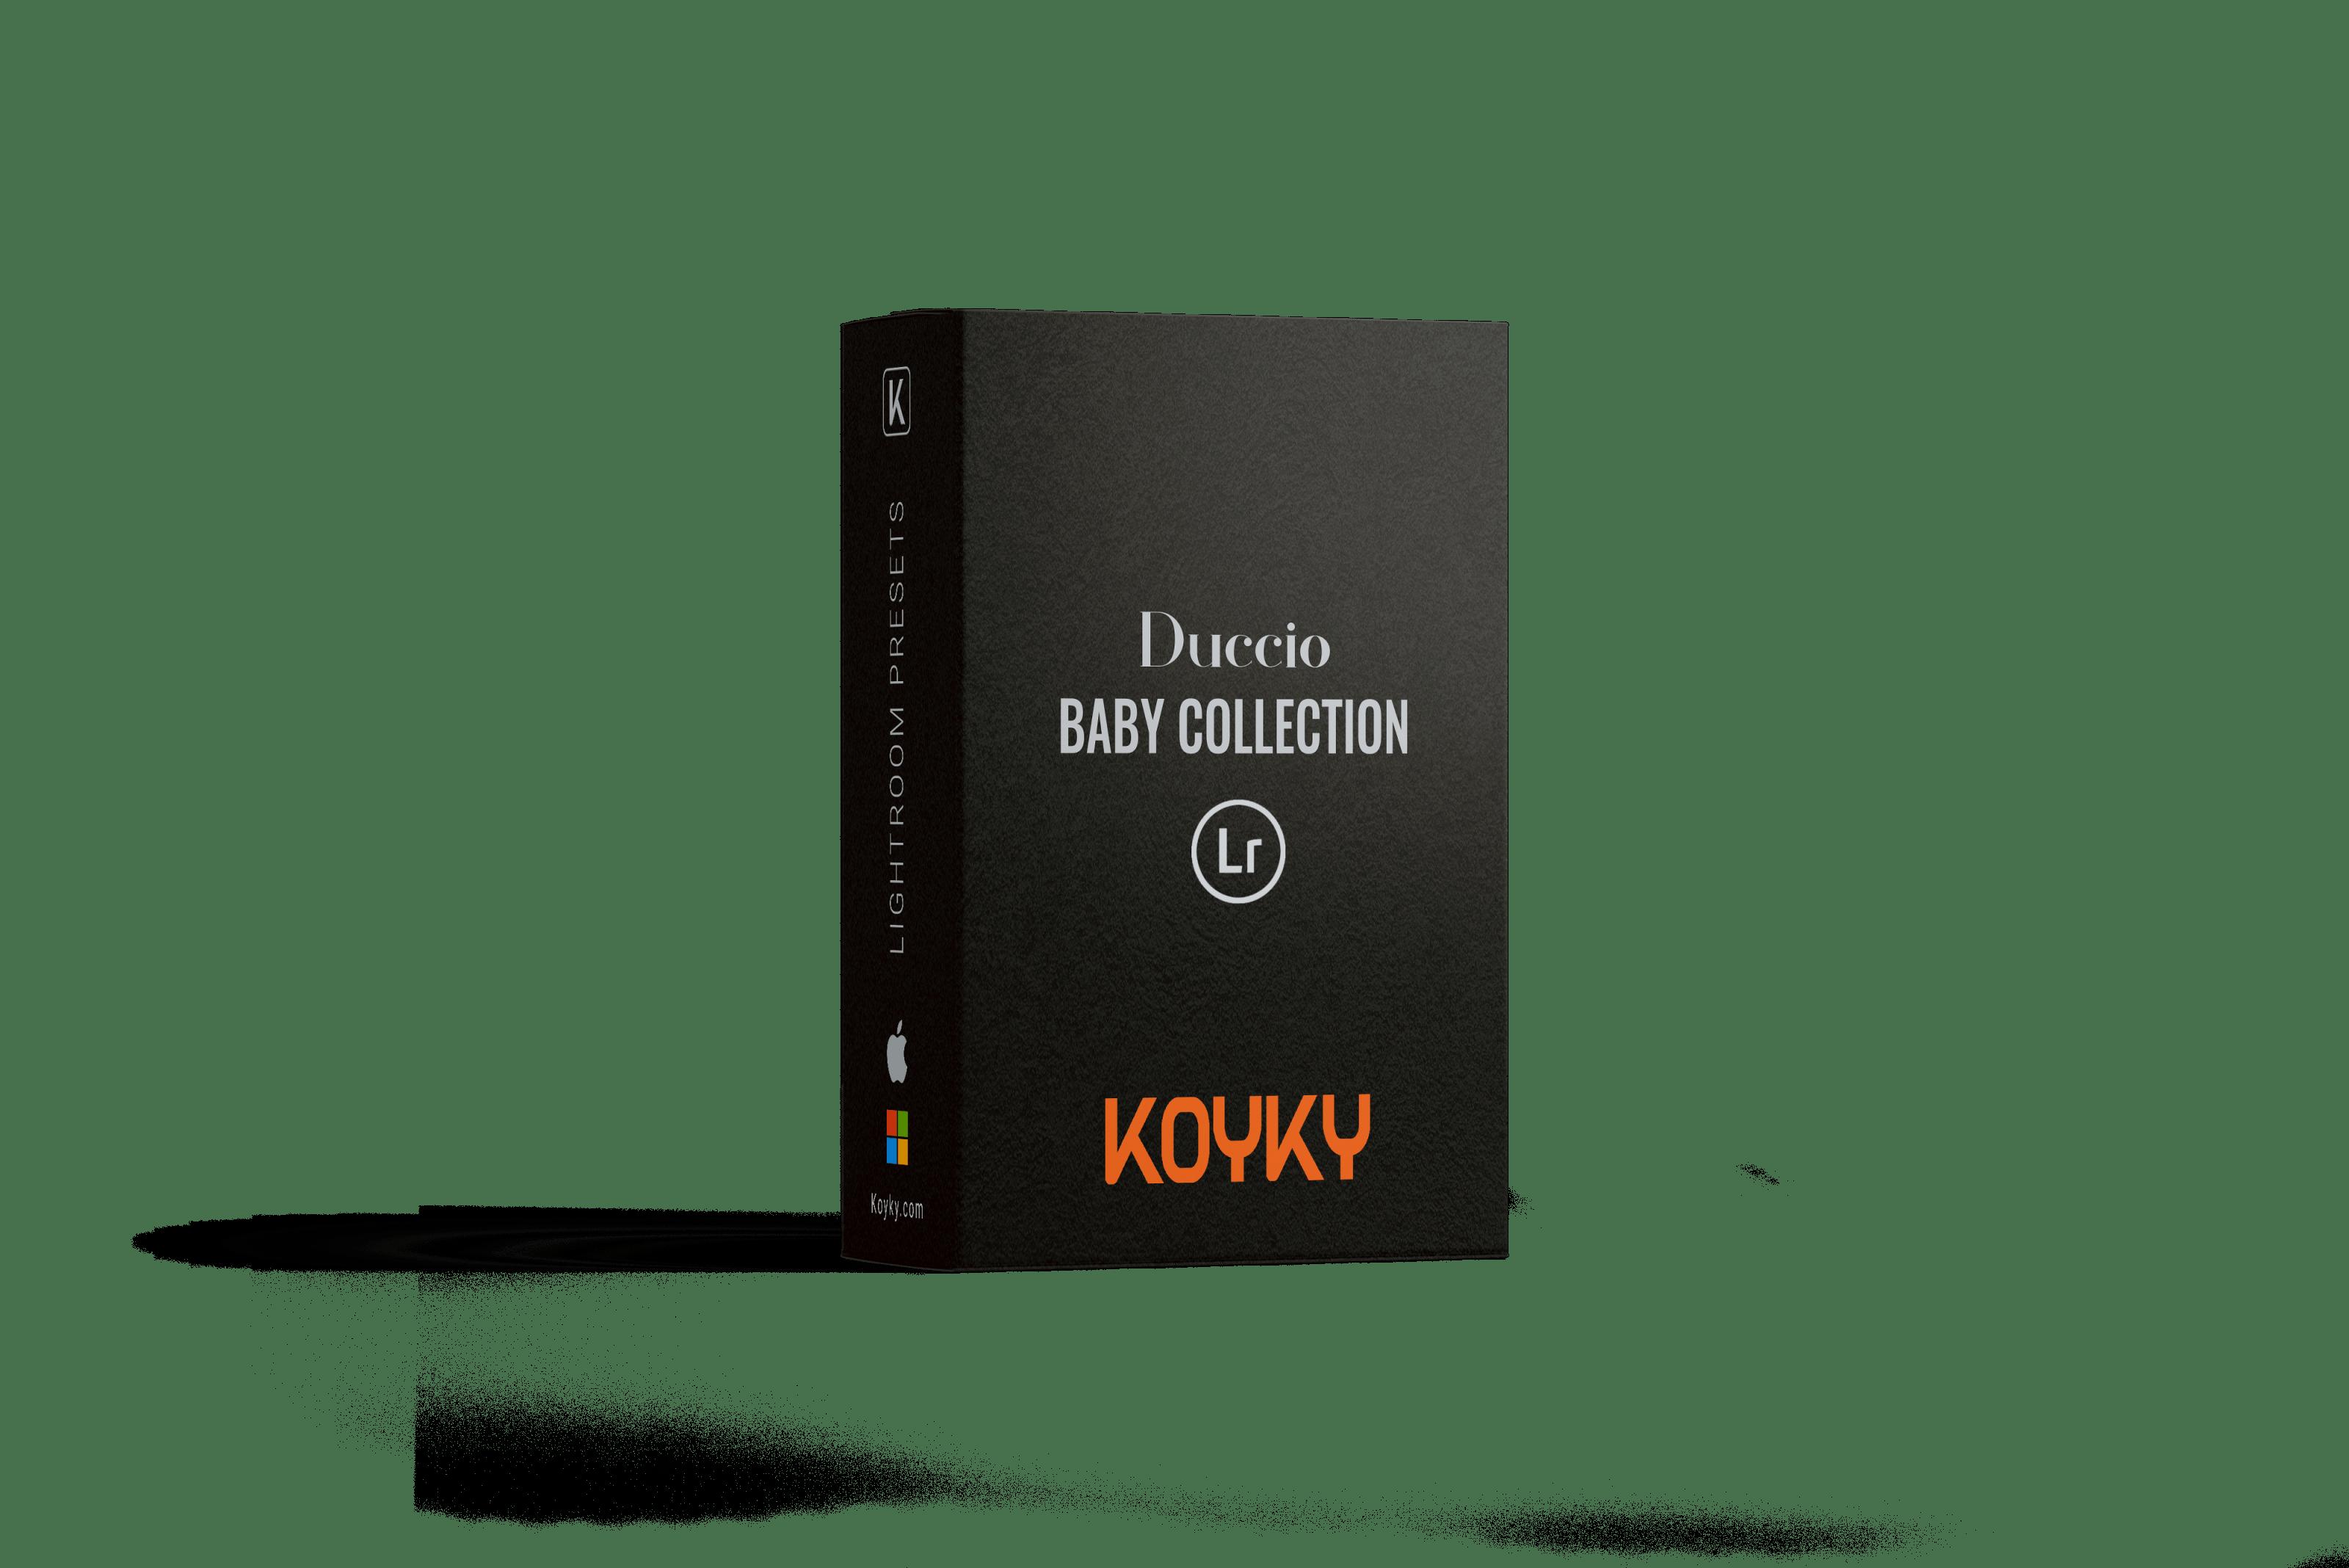 DUCCIO-baby presets collection